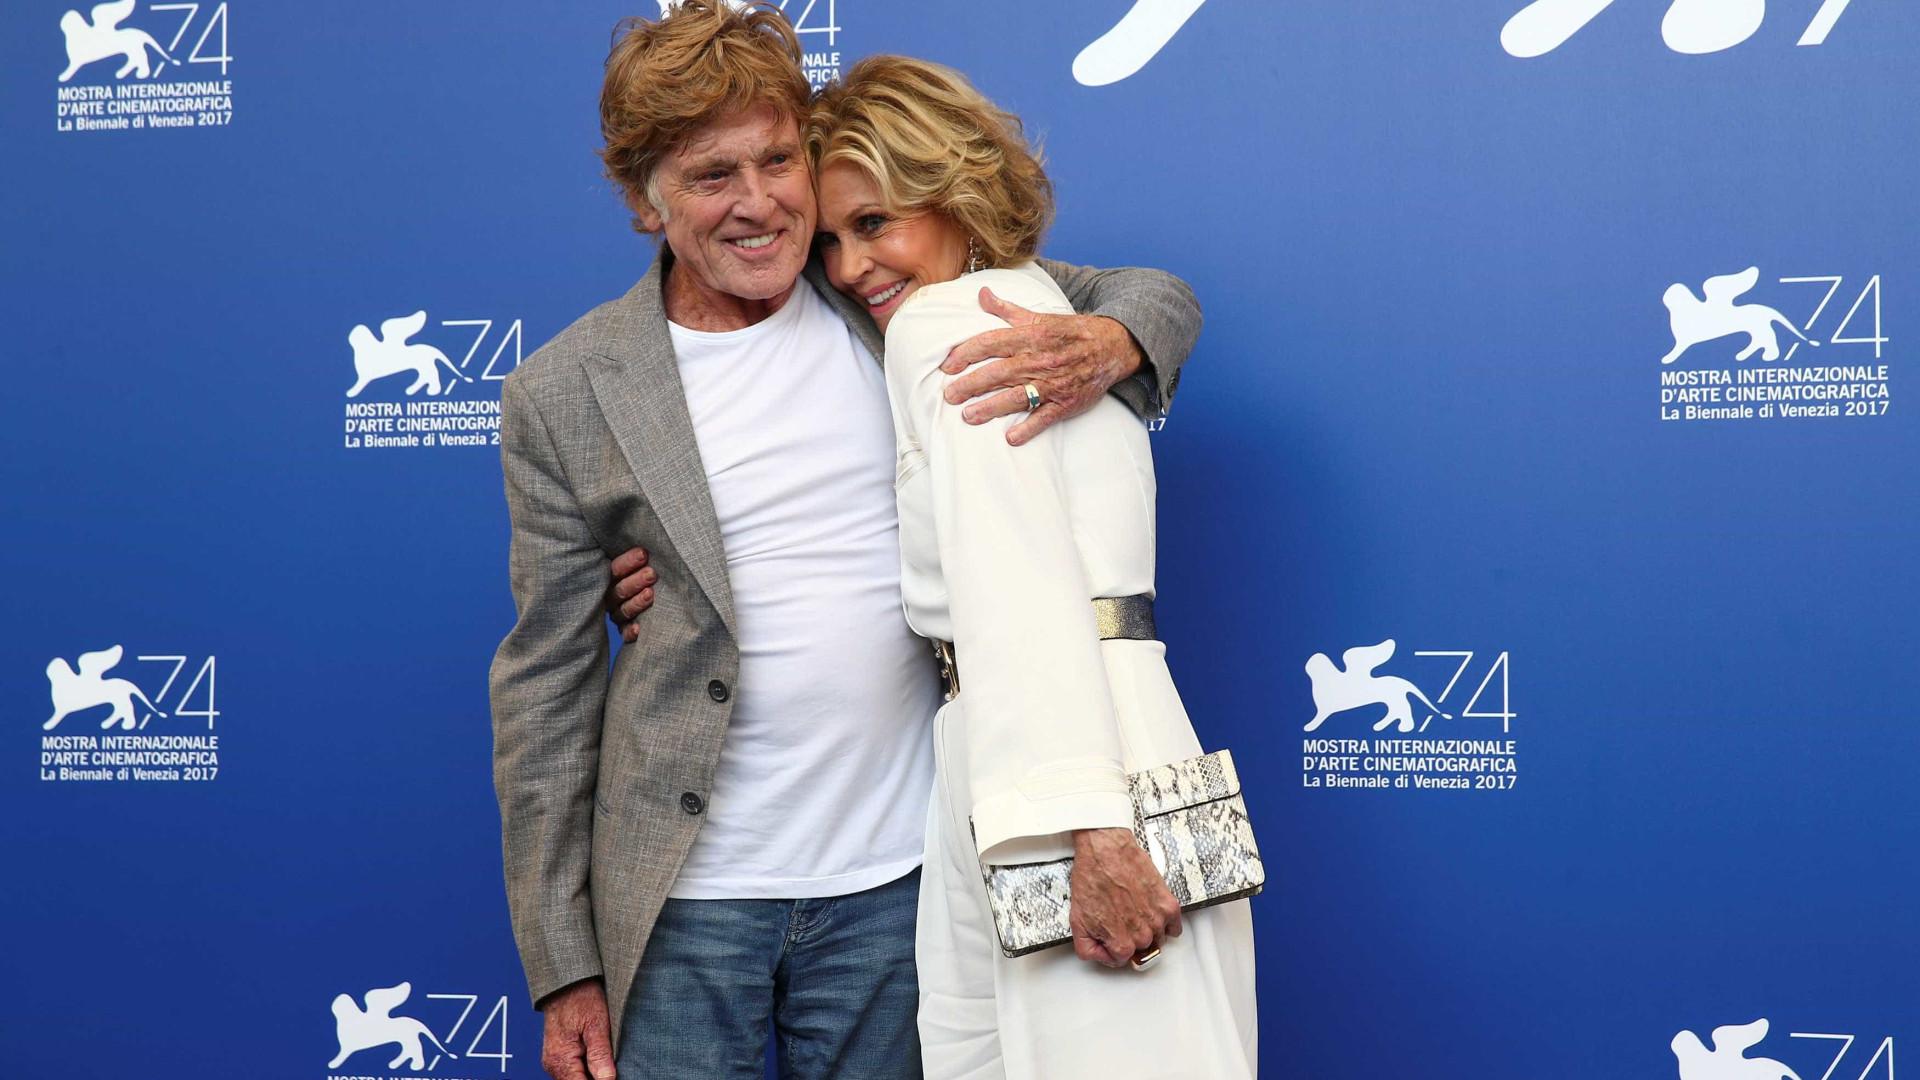 naom 59a996cdae3cb - Jane Fonda e Robert Redford são homenageados no Festival de Veneza